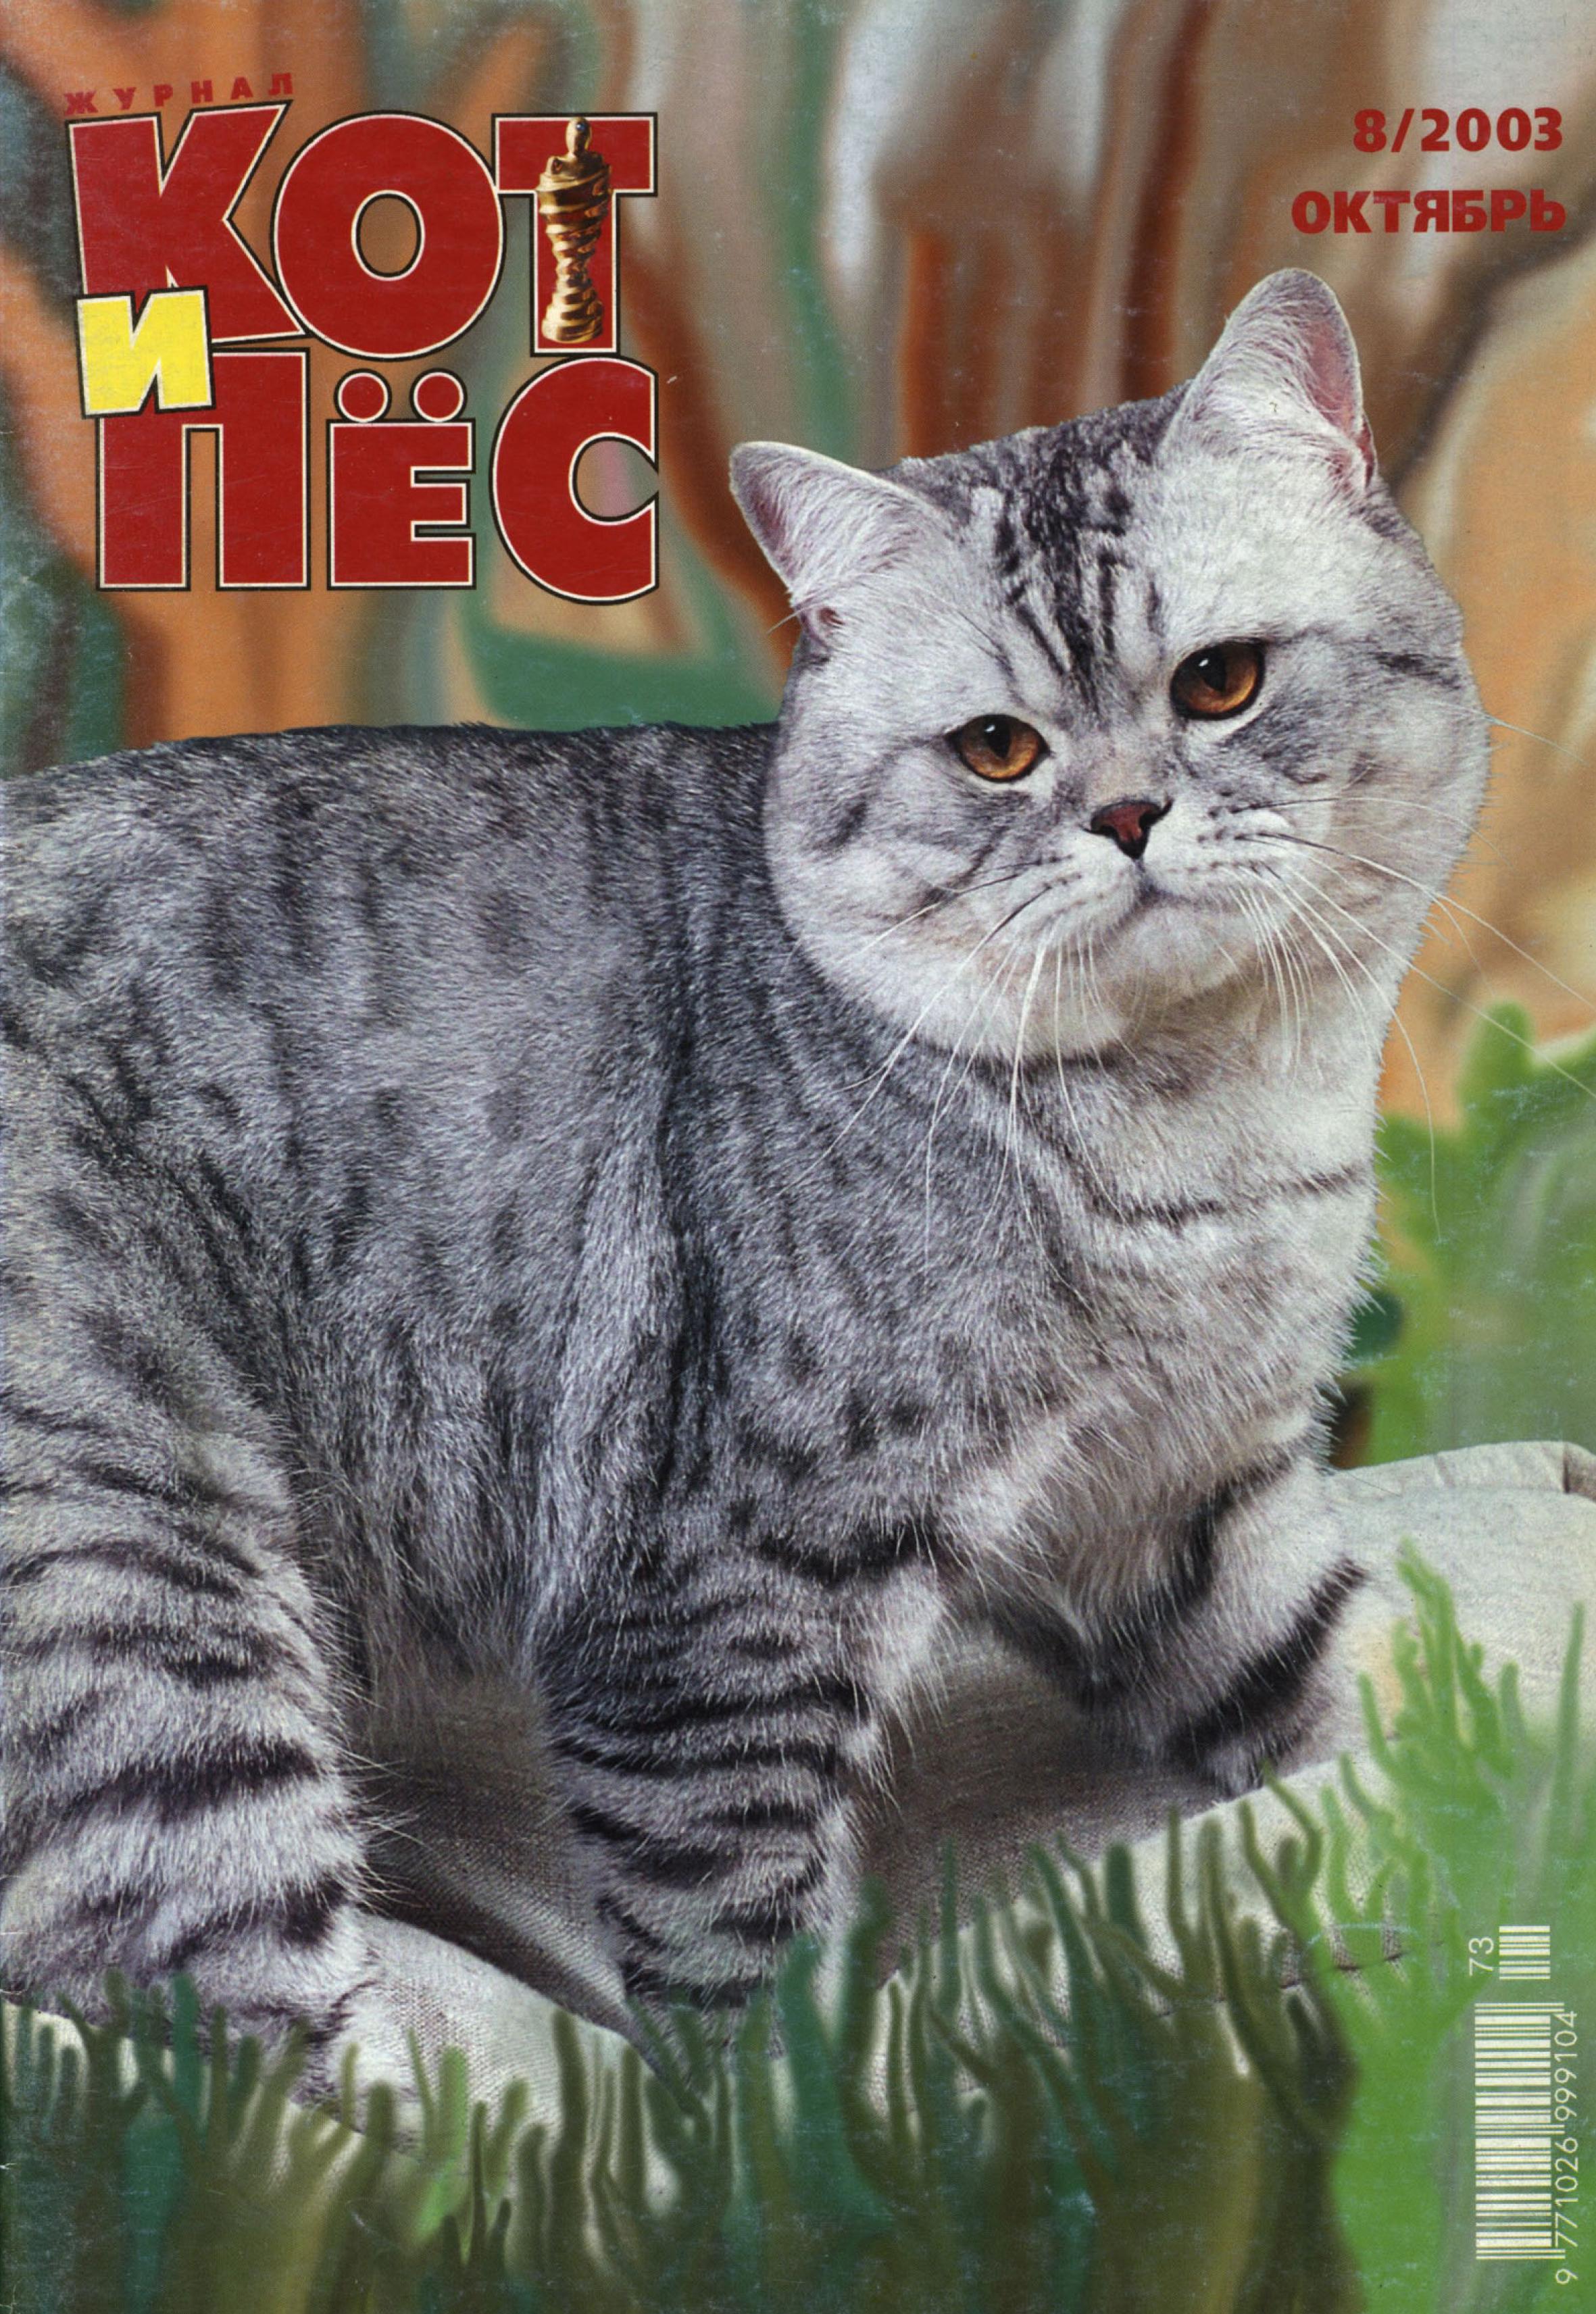 Отсутствует Кот и Пёс №08/2003 отсутствует кот и пёс 01 2003